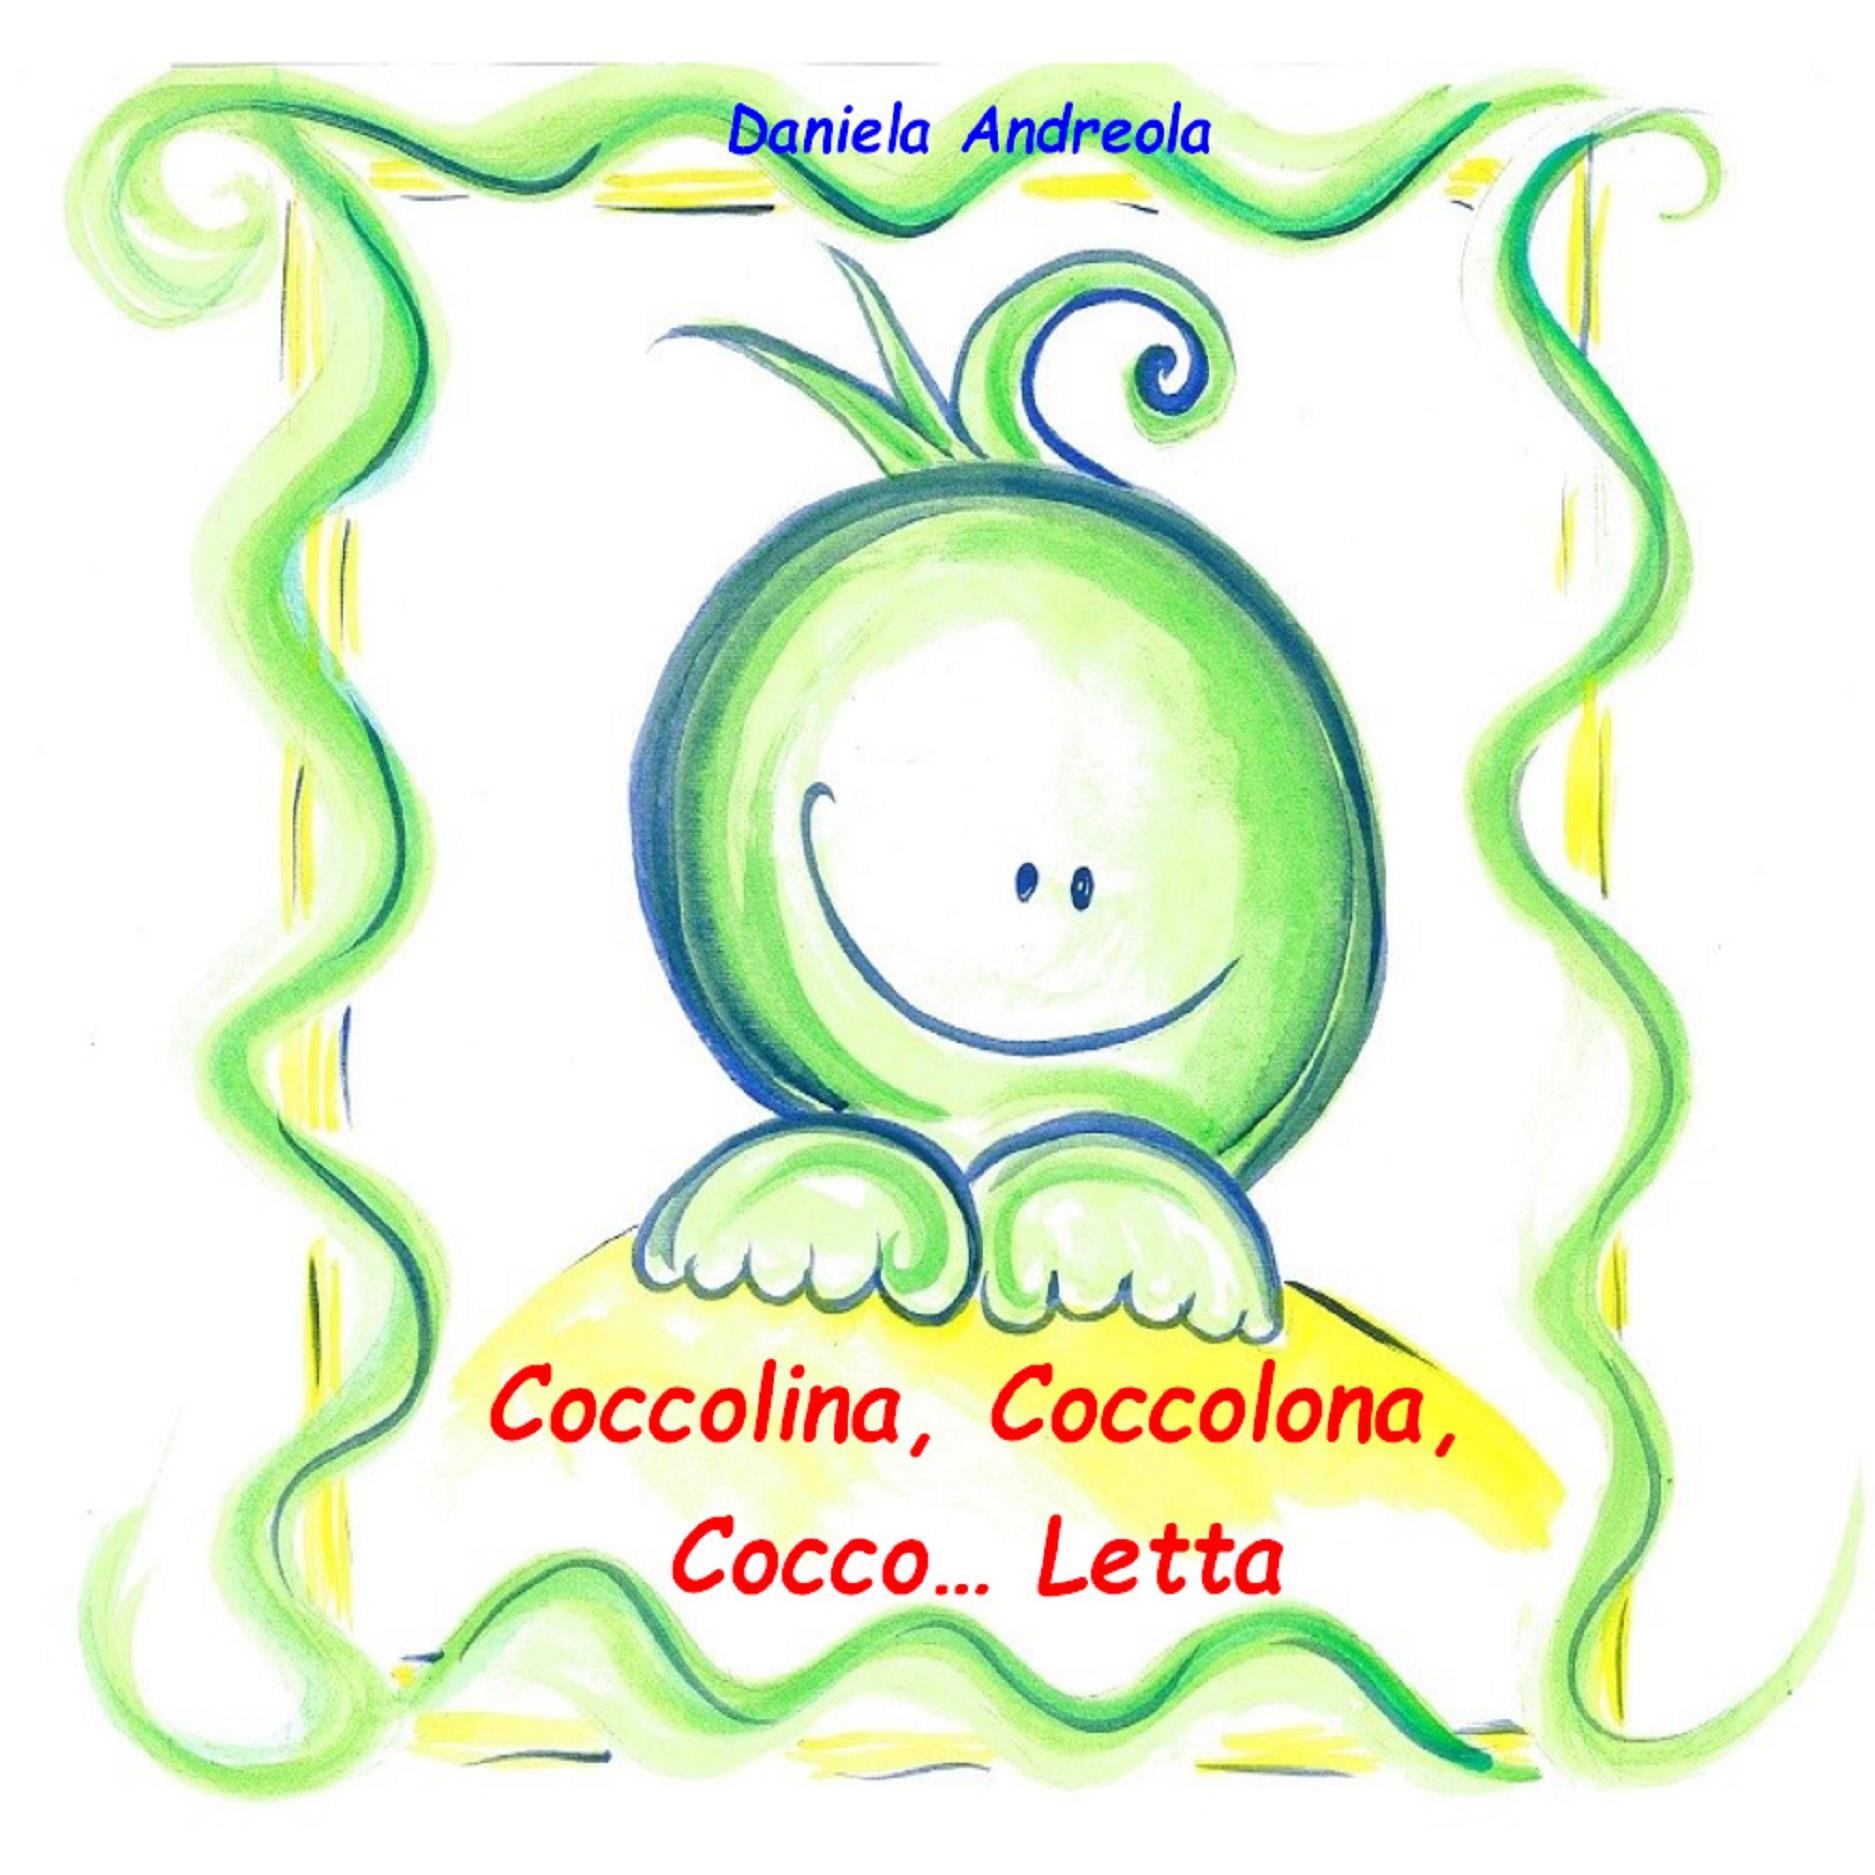 Coccolina, Coccolona, Cocco...Letta